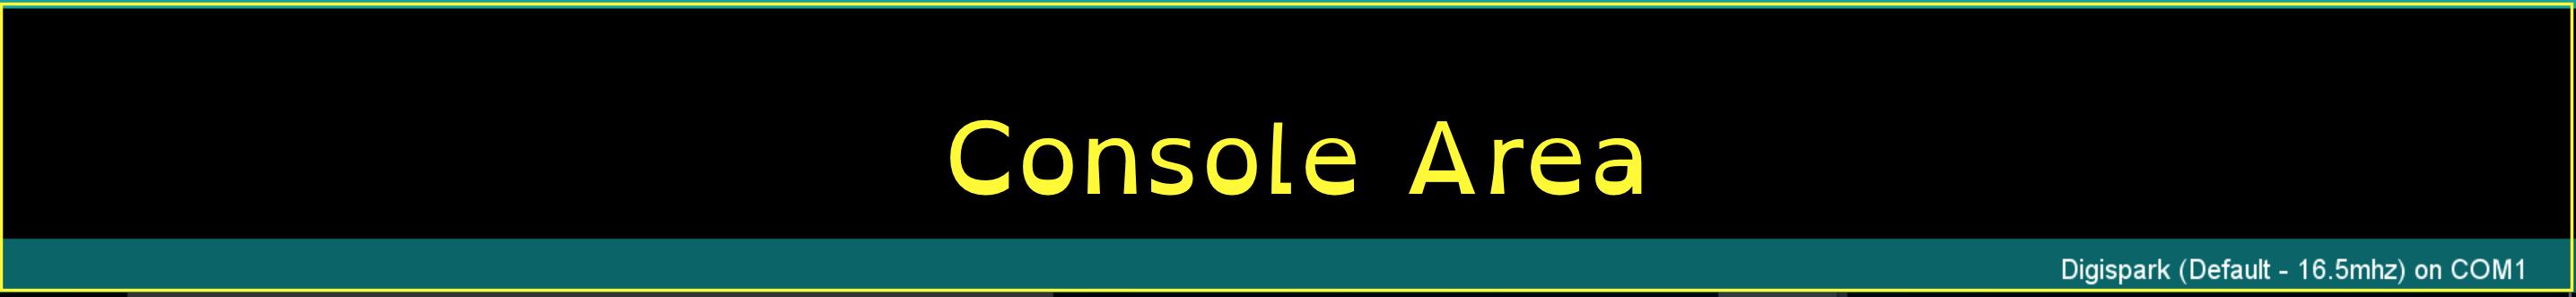 Console area